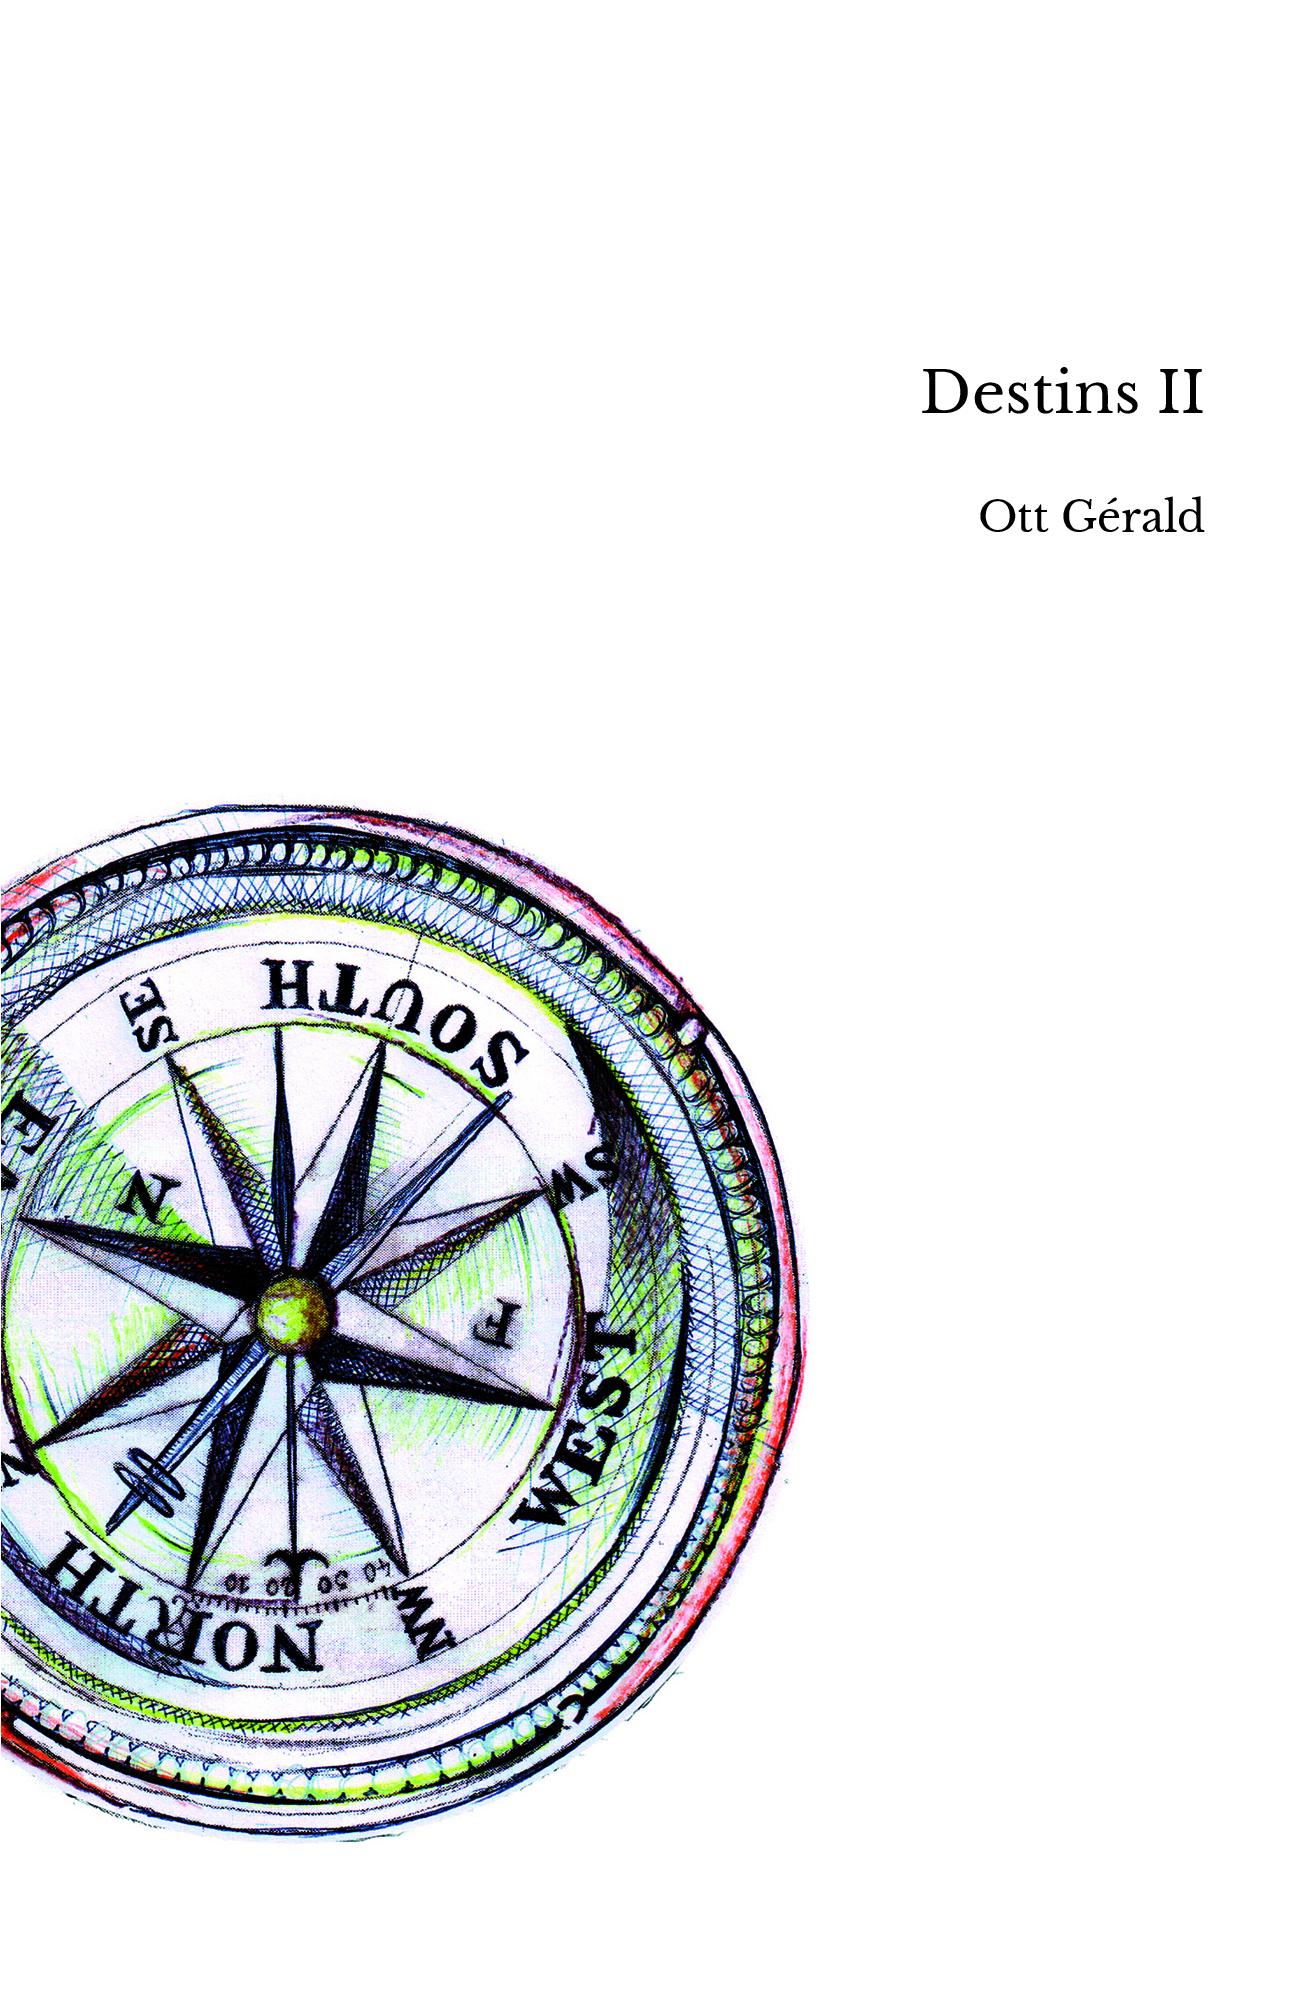 Destins II